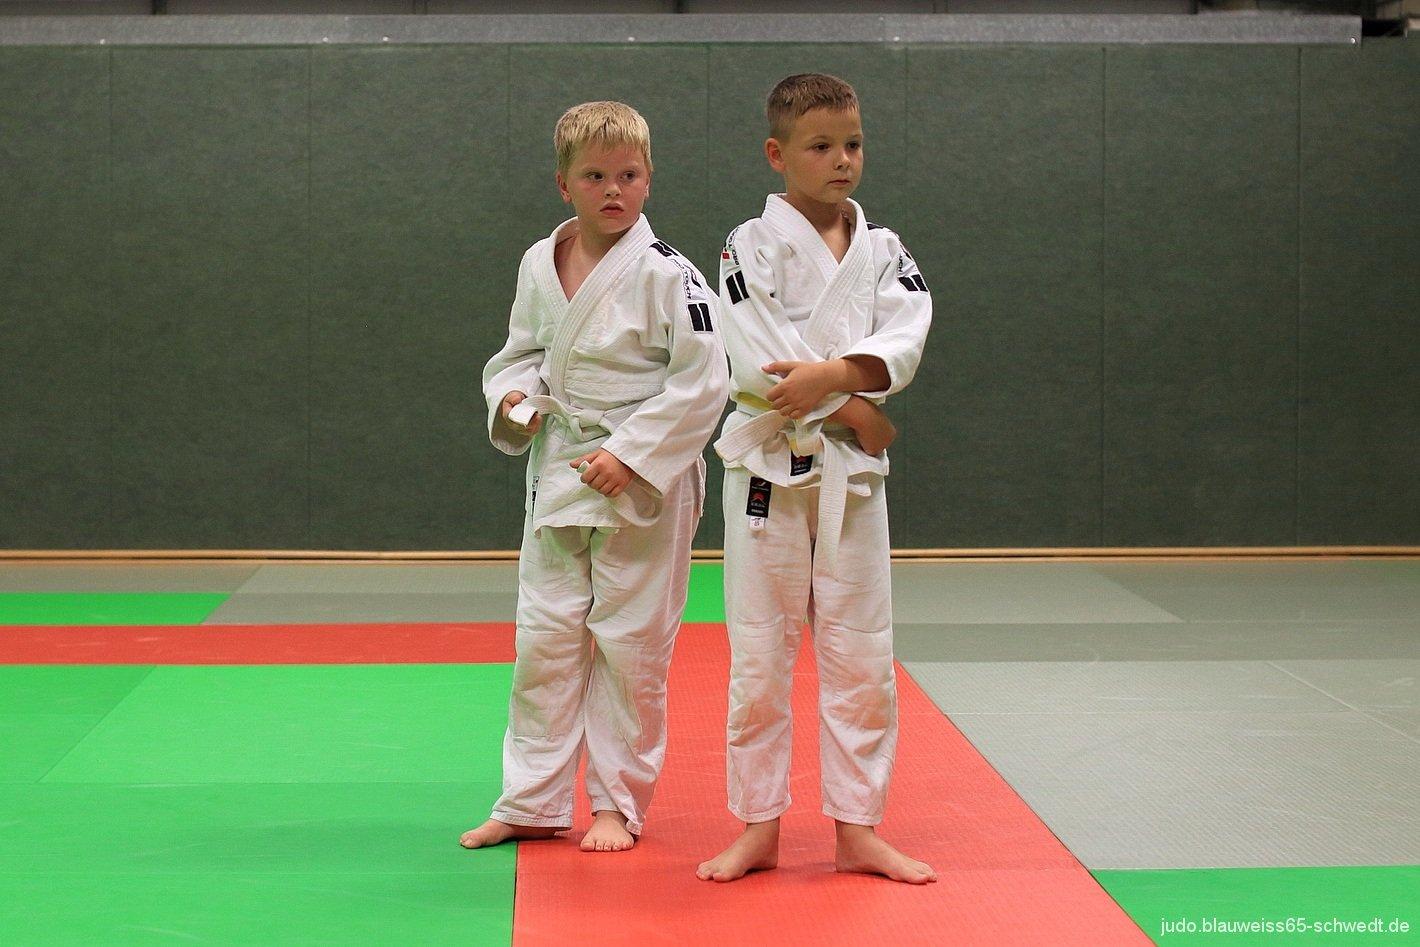 Judokas-Schwedt-Guertelpruefung (1)